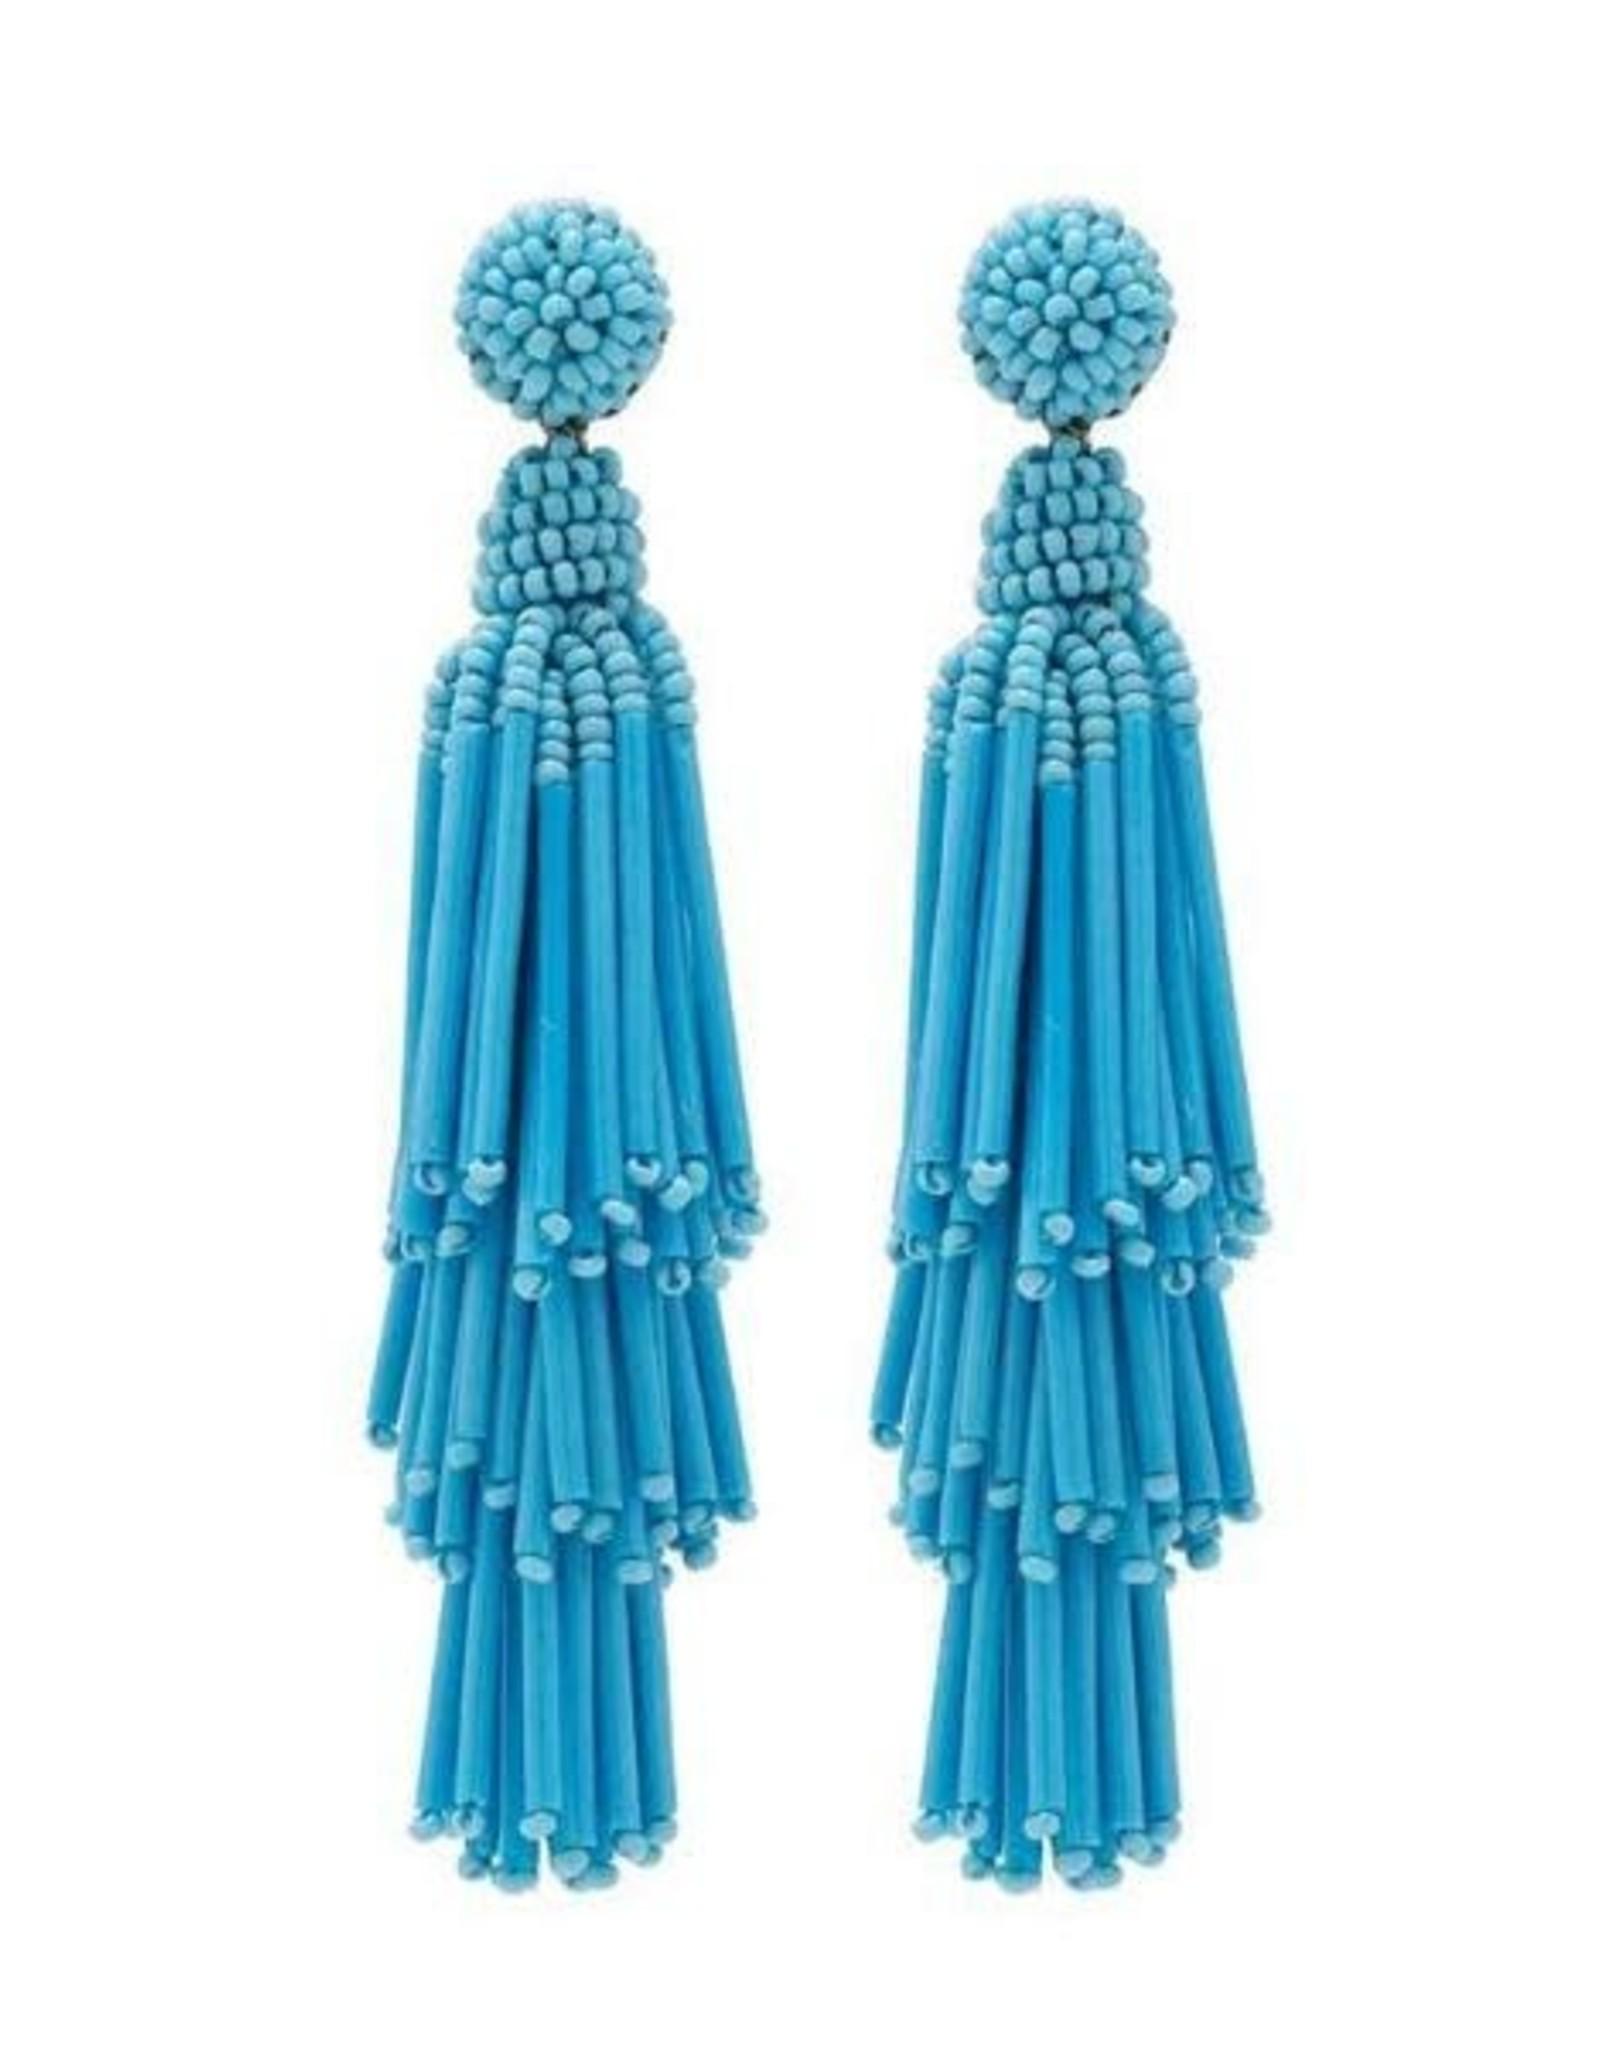 Deepa Gurnani Deepa Gurnani Rain Beaded Chandelier Earrings